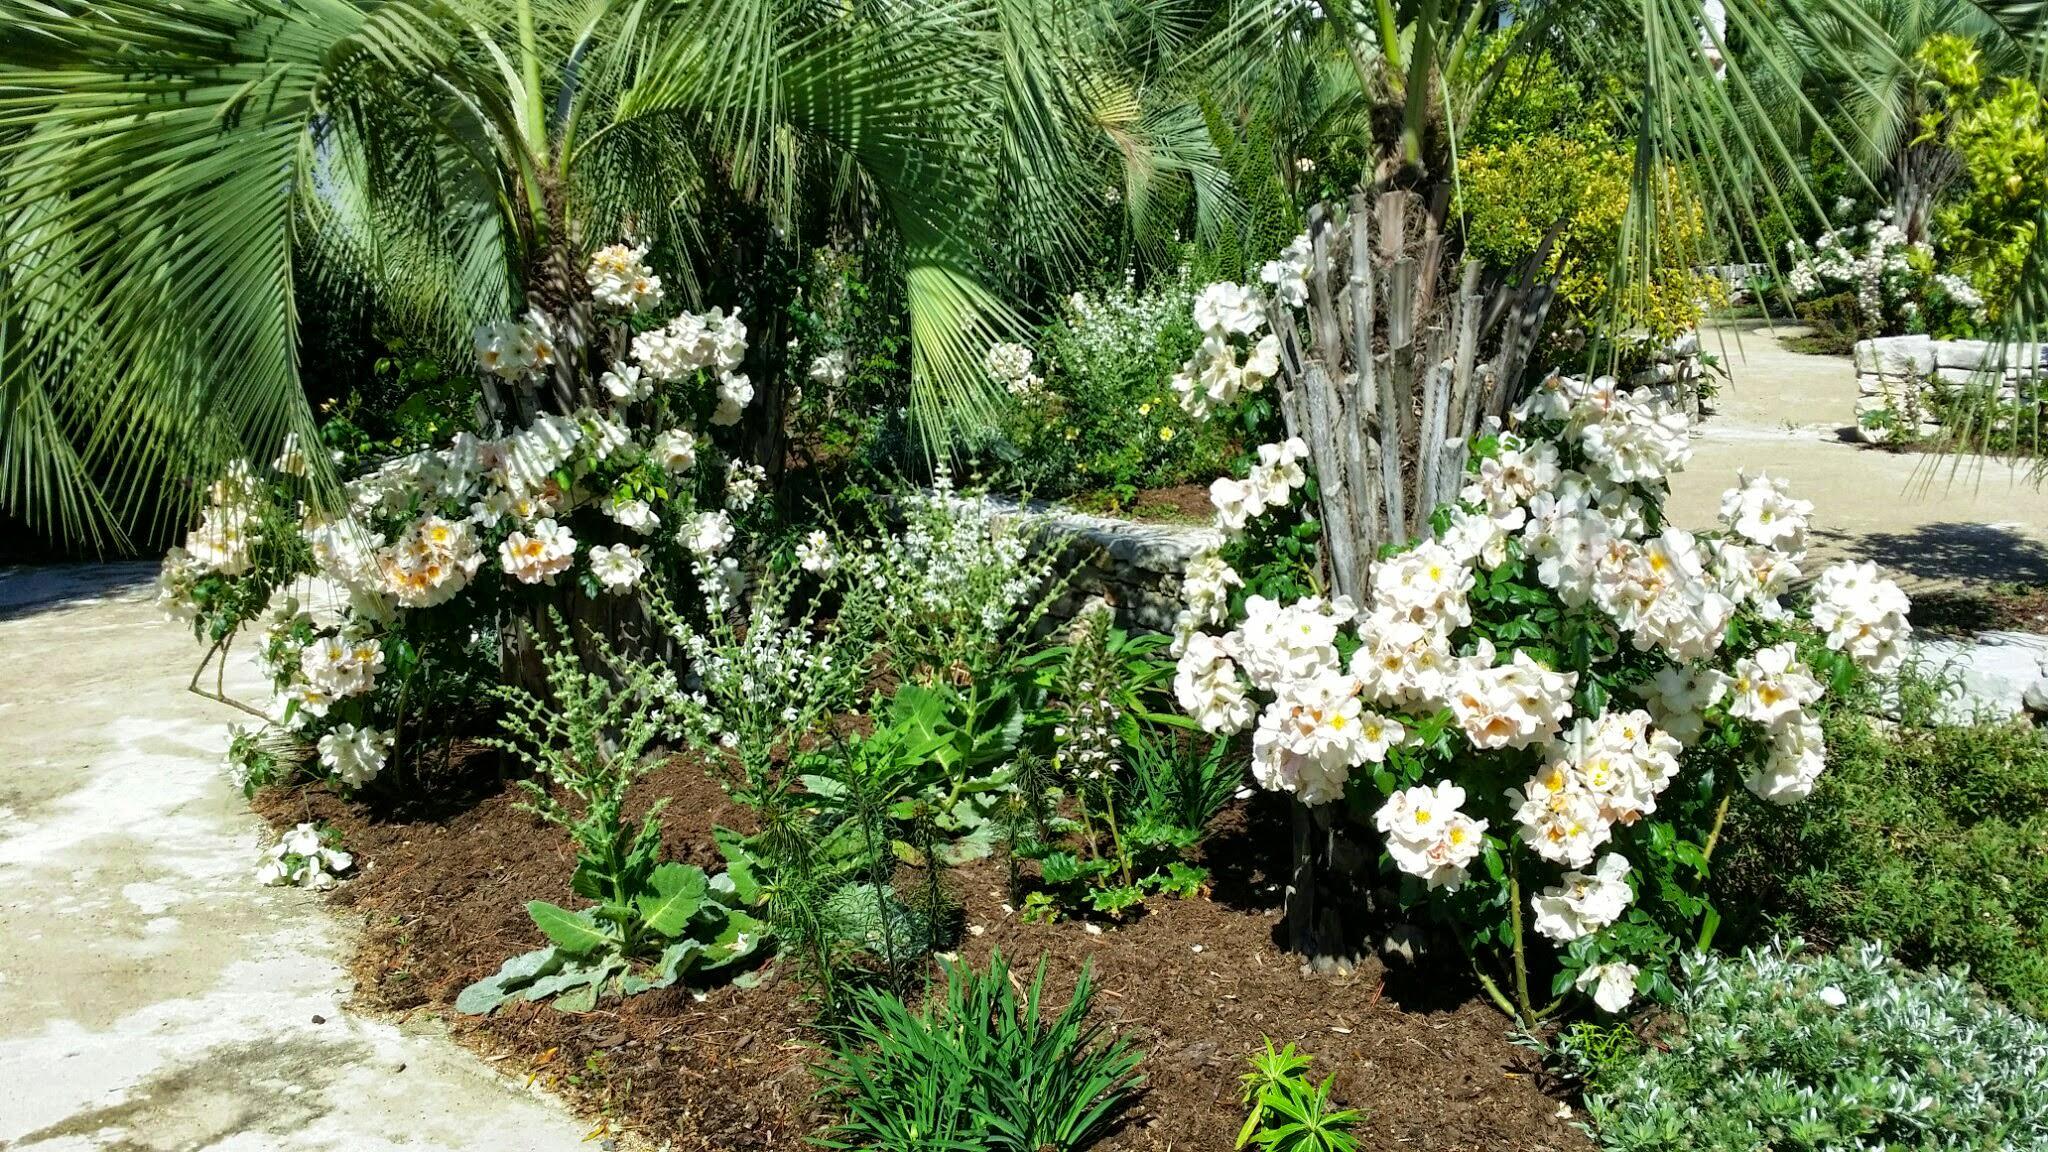 Meilleur de entreprise de jardinage id es de salon de jardin - Agent d entretien des parcs et jardins ...